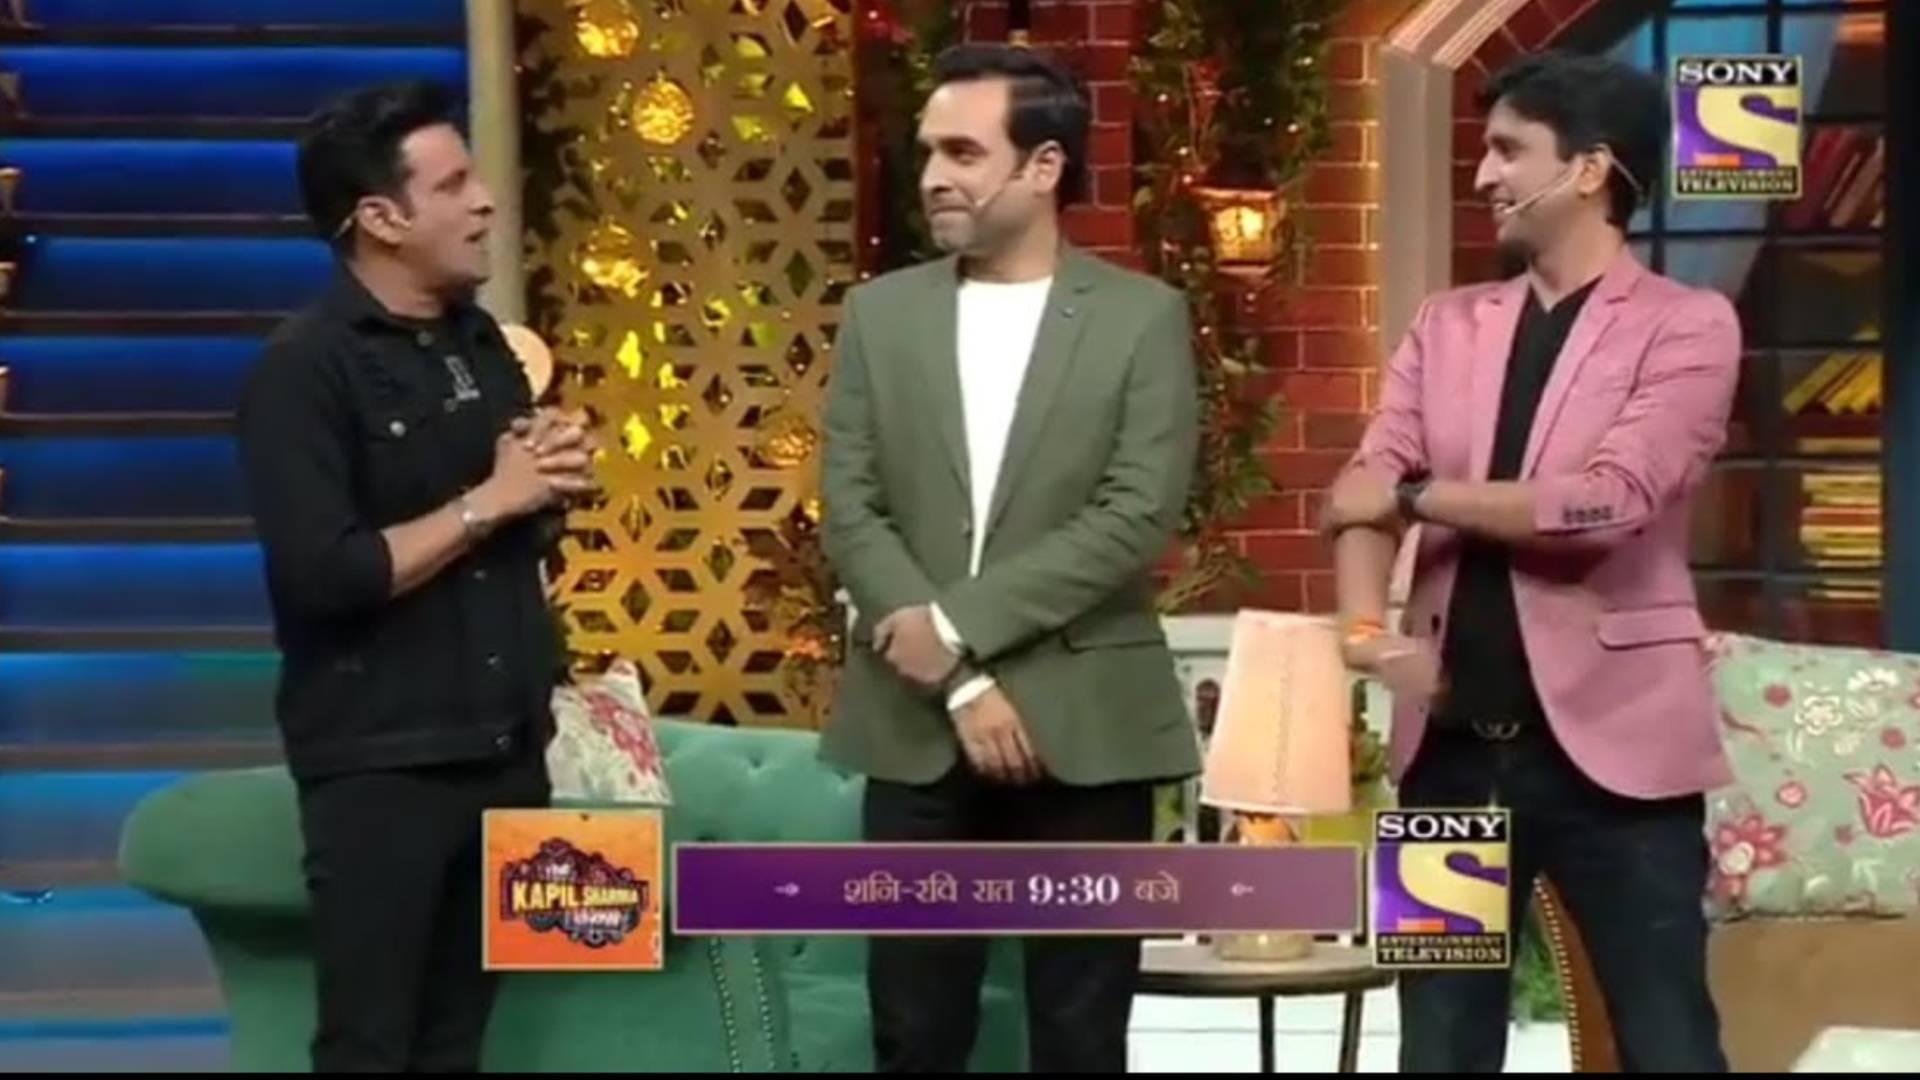 The Kapil Sharma Show: कुमार विश्वास संग मनोज बाजपेयी का दिखा देसी अंदाज, शो में पंकज त्रिपाठी ने किया ये खुला